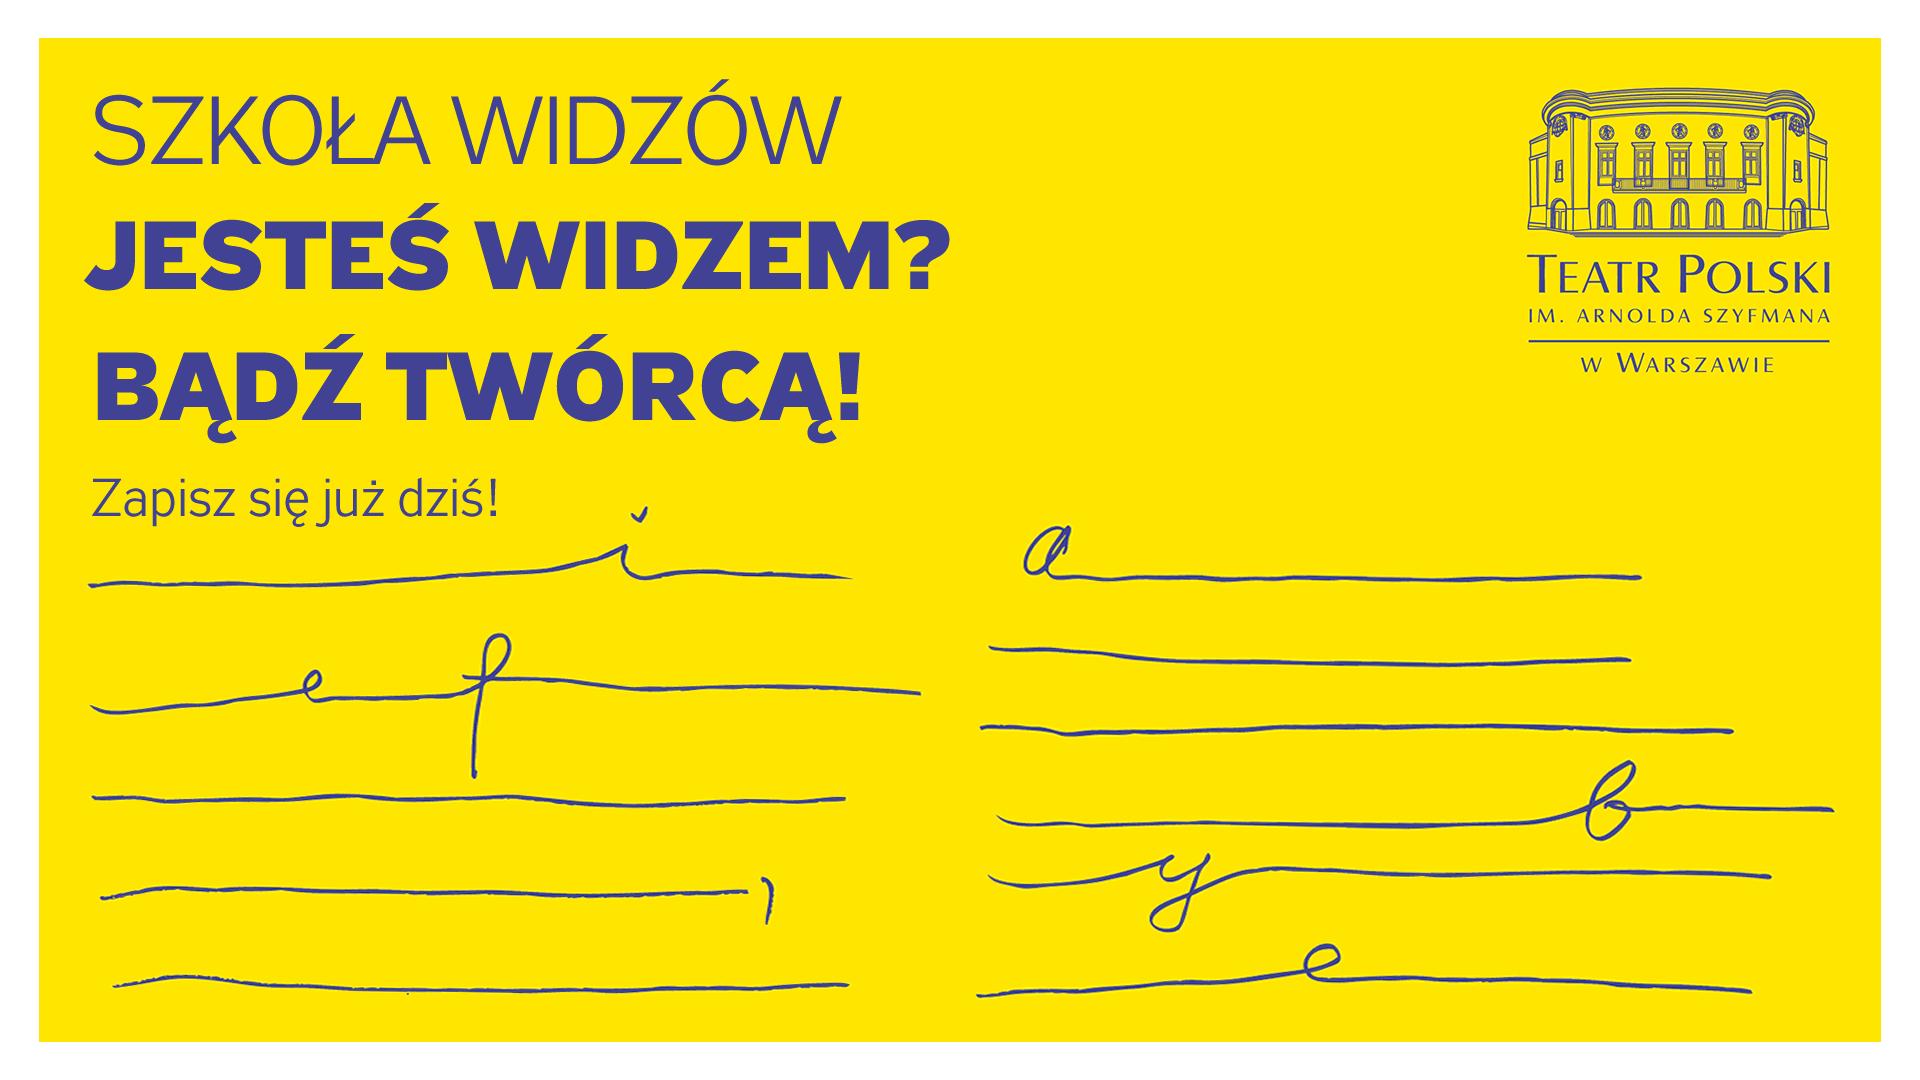 teatr polski-edukacja-fb-event